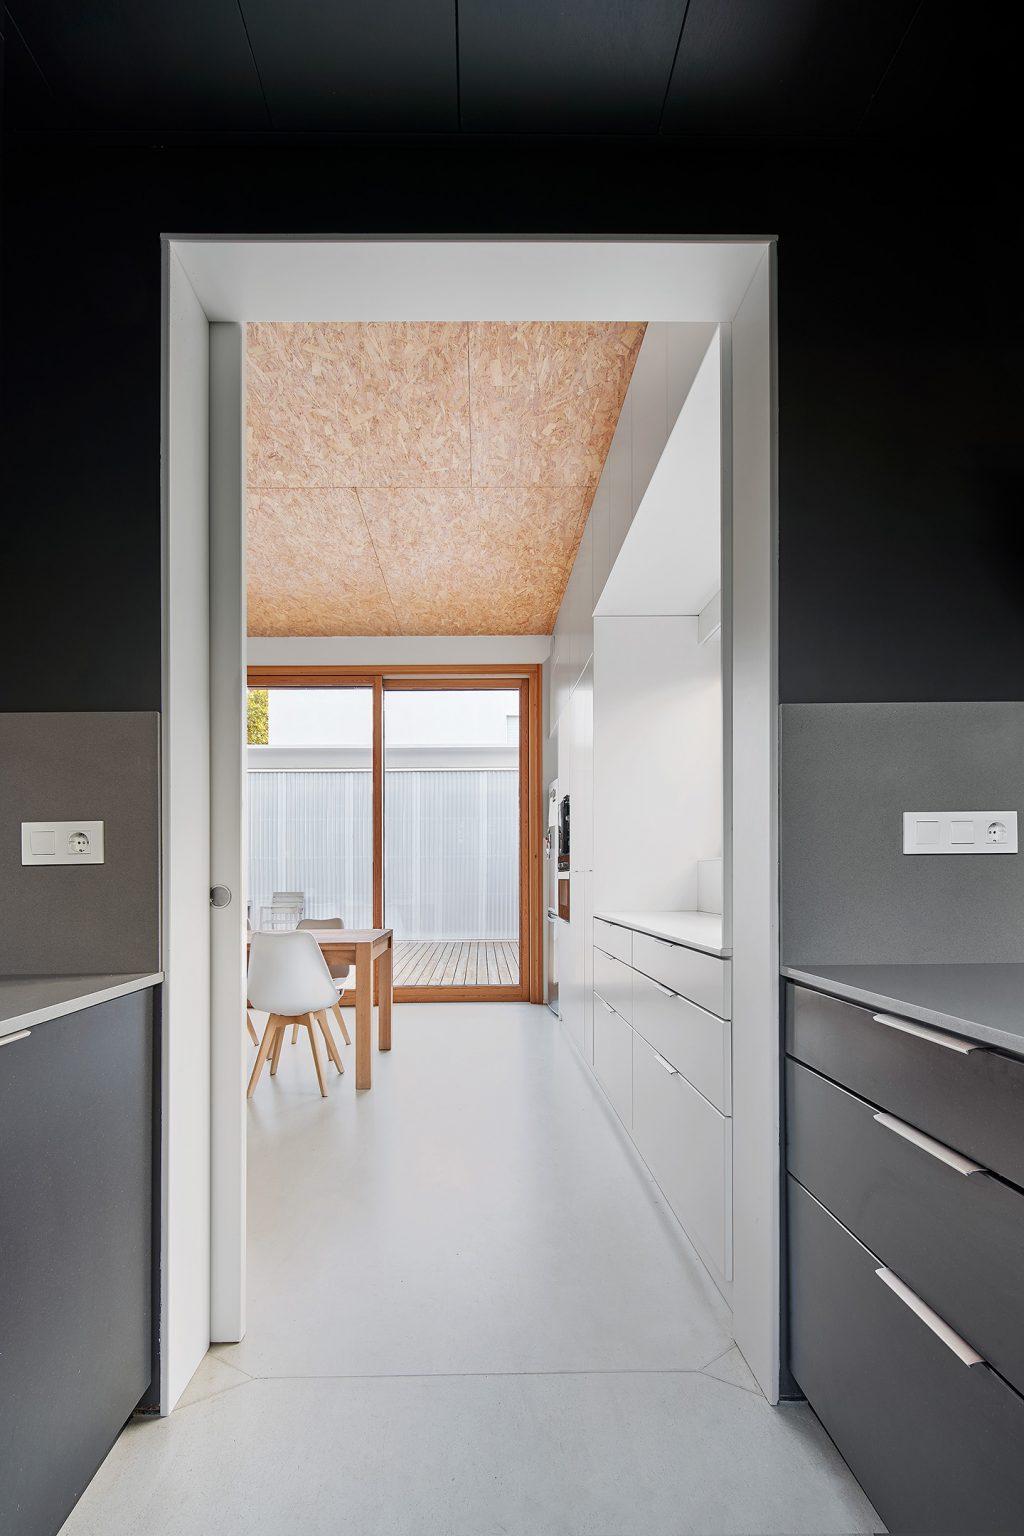 cuina i menjador argentona casa passiva papik cases passives catalunya casa biopassiva casa eficient